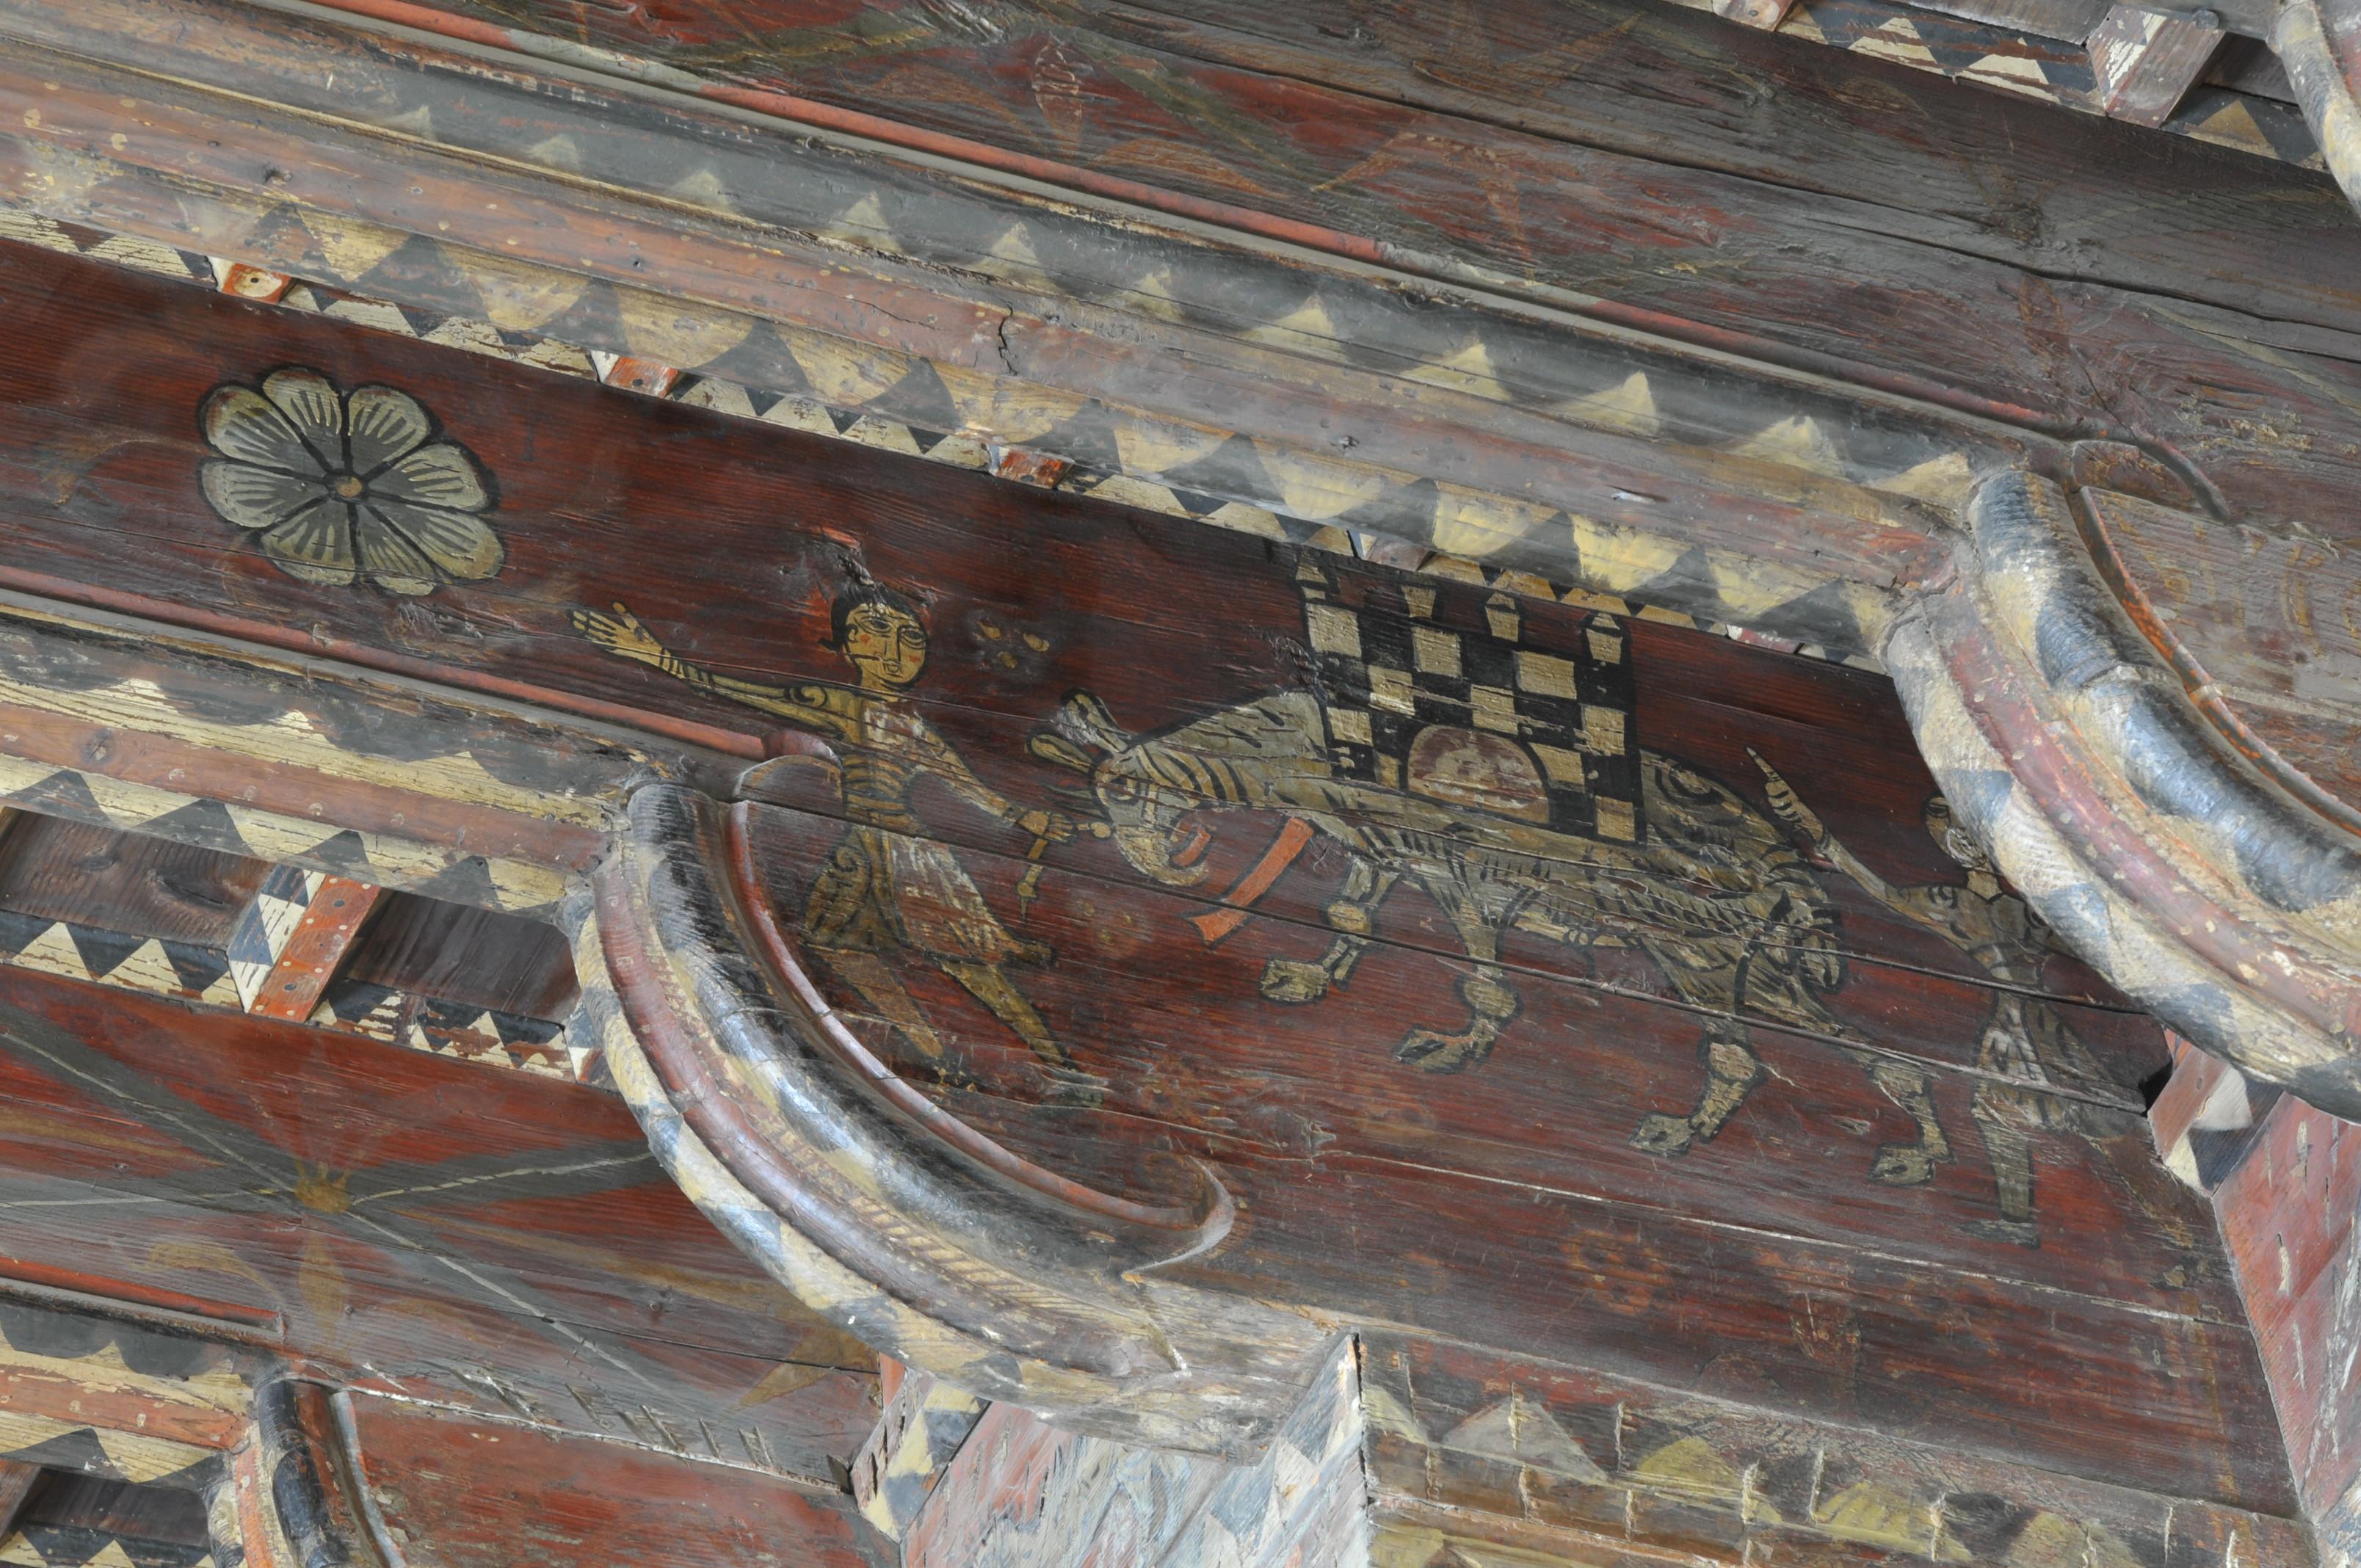 Tranche des corbeaux de l'angle Nord-Est représentant un éléphant